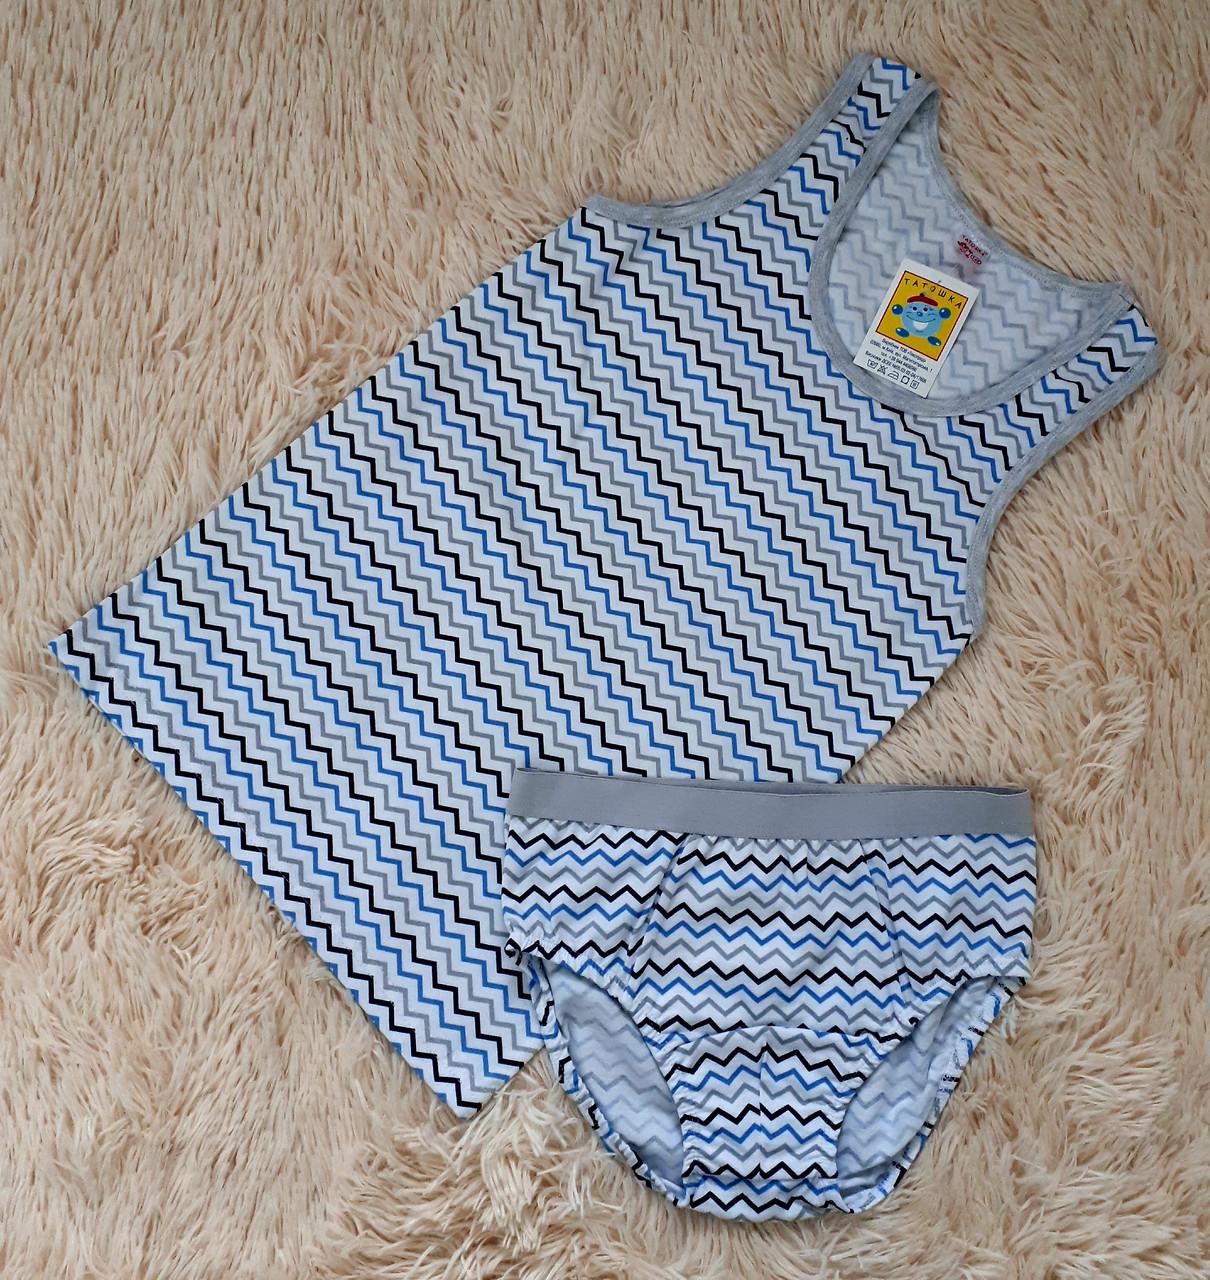 Майка и трусики комплект для мальчика белого цвета в полоску (Украина) Татошка размер 146